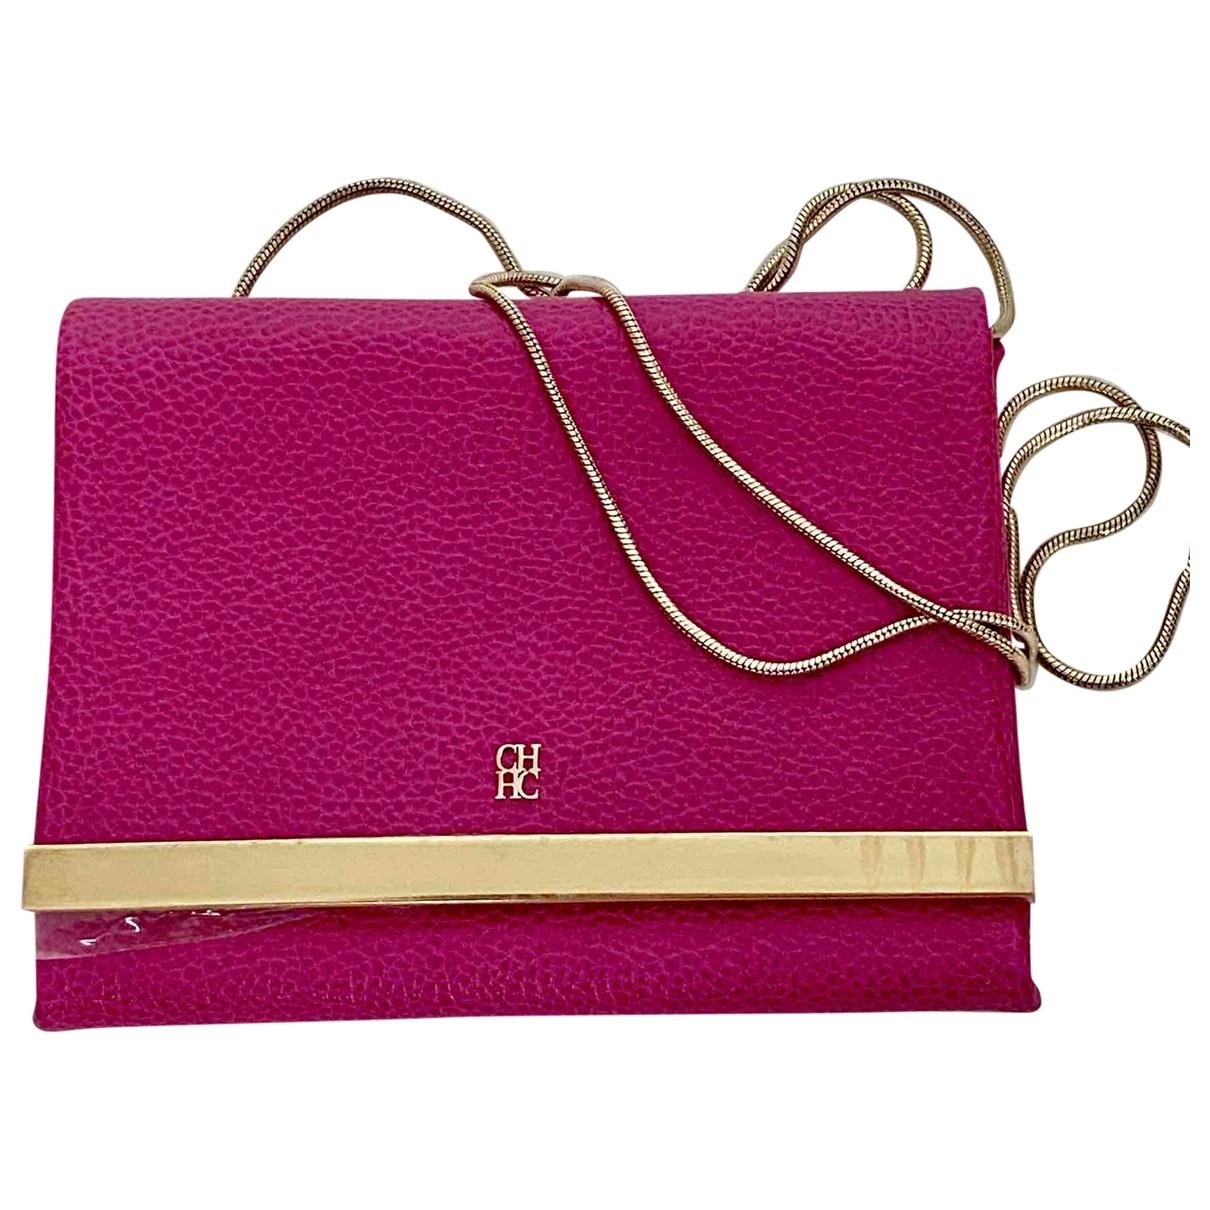 Carolina Herrera \N Pink Leather Clutch bag for Women \N